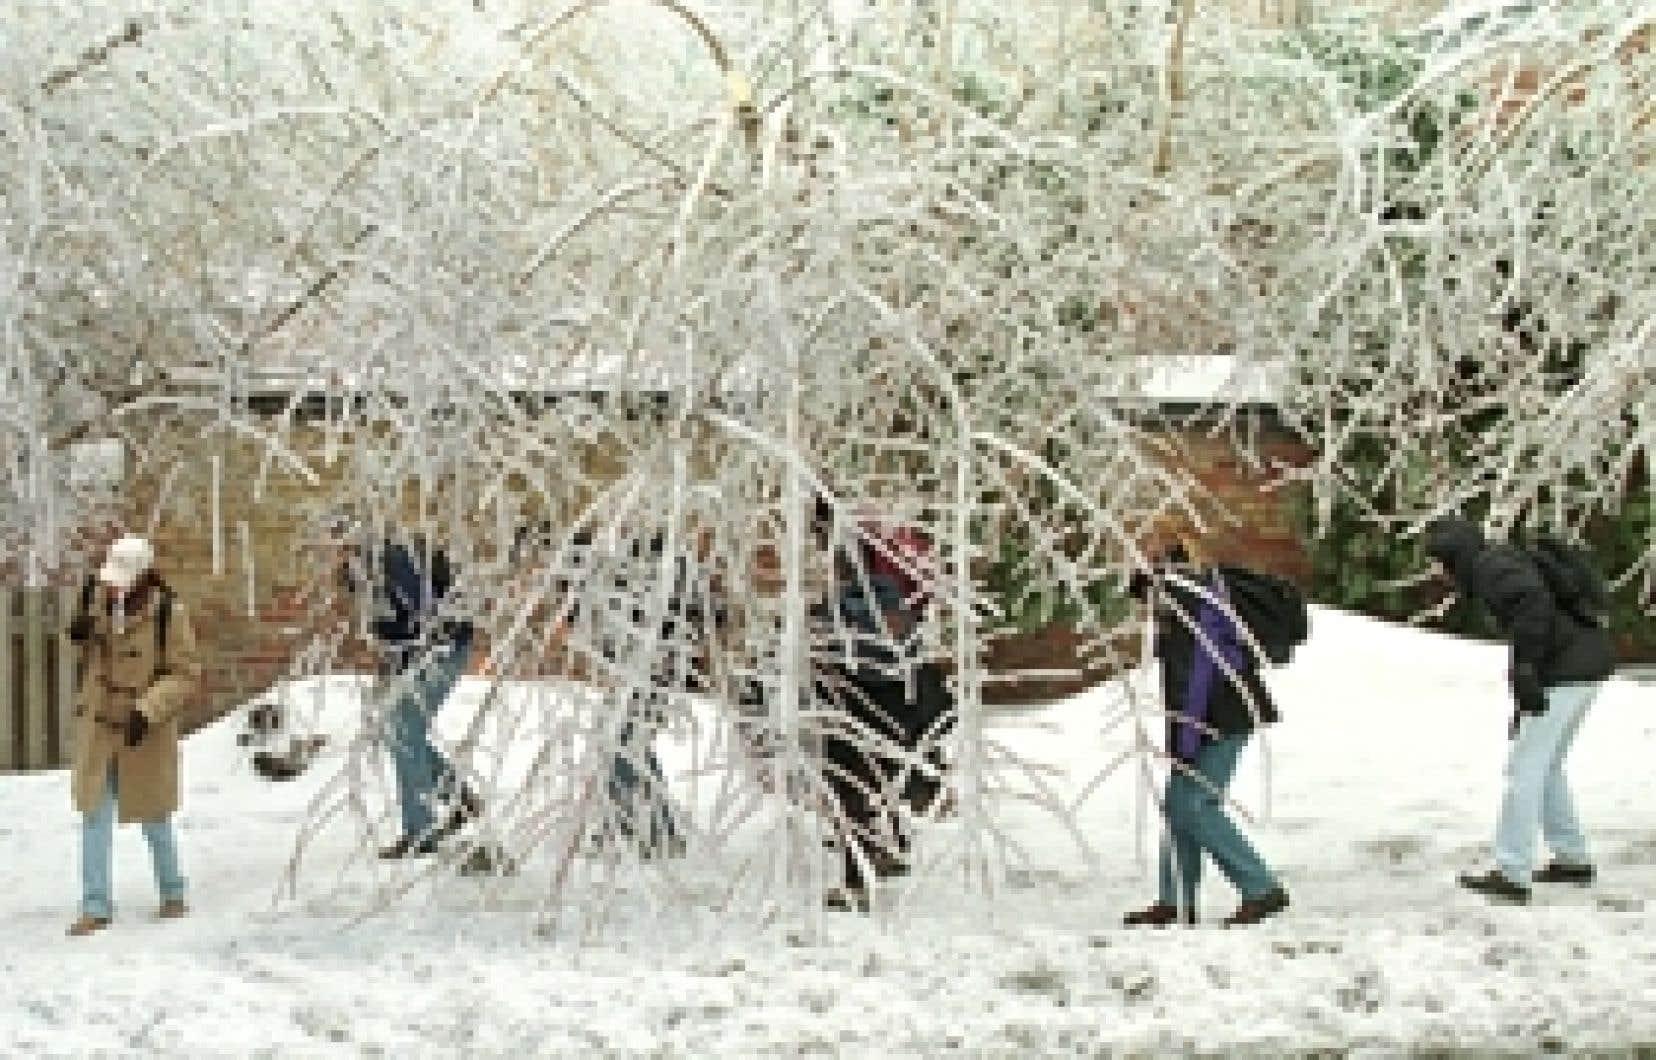 Des passants se penchent pour éviter les branches pendantes.